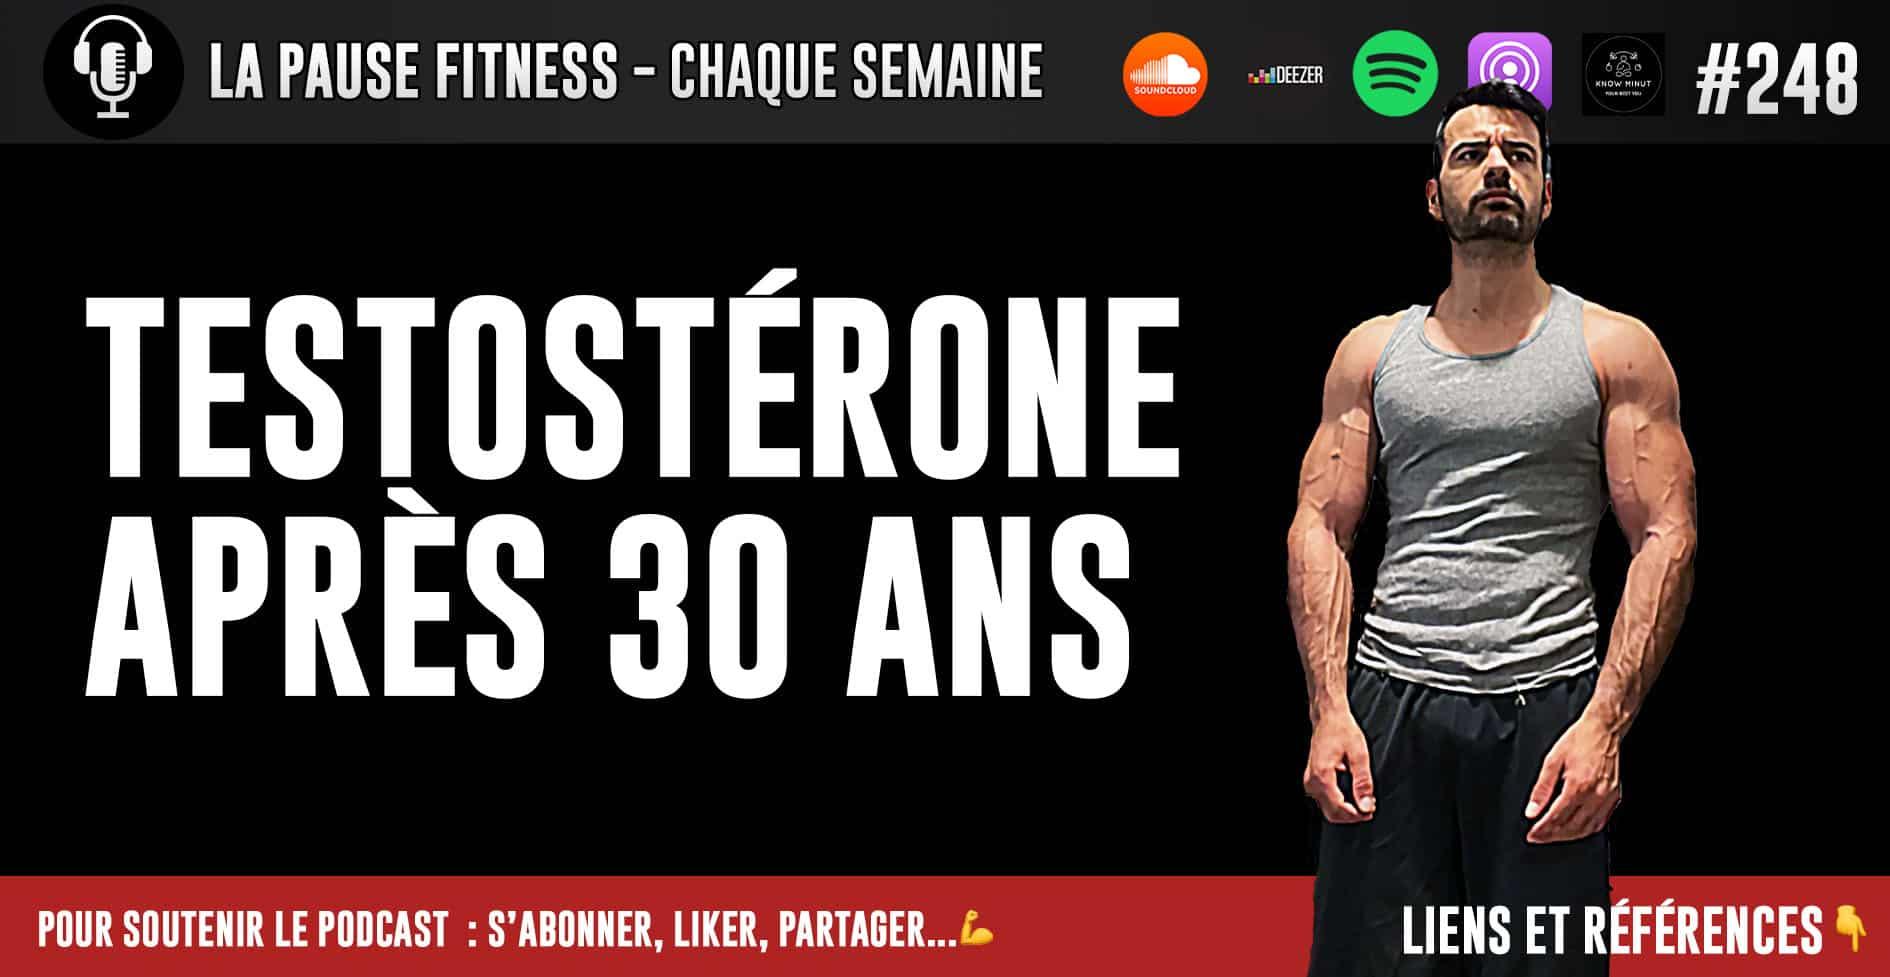 La testostérone après 30 ans